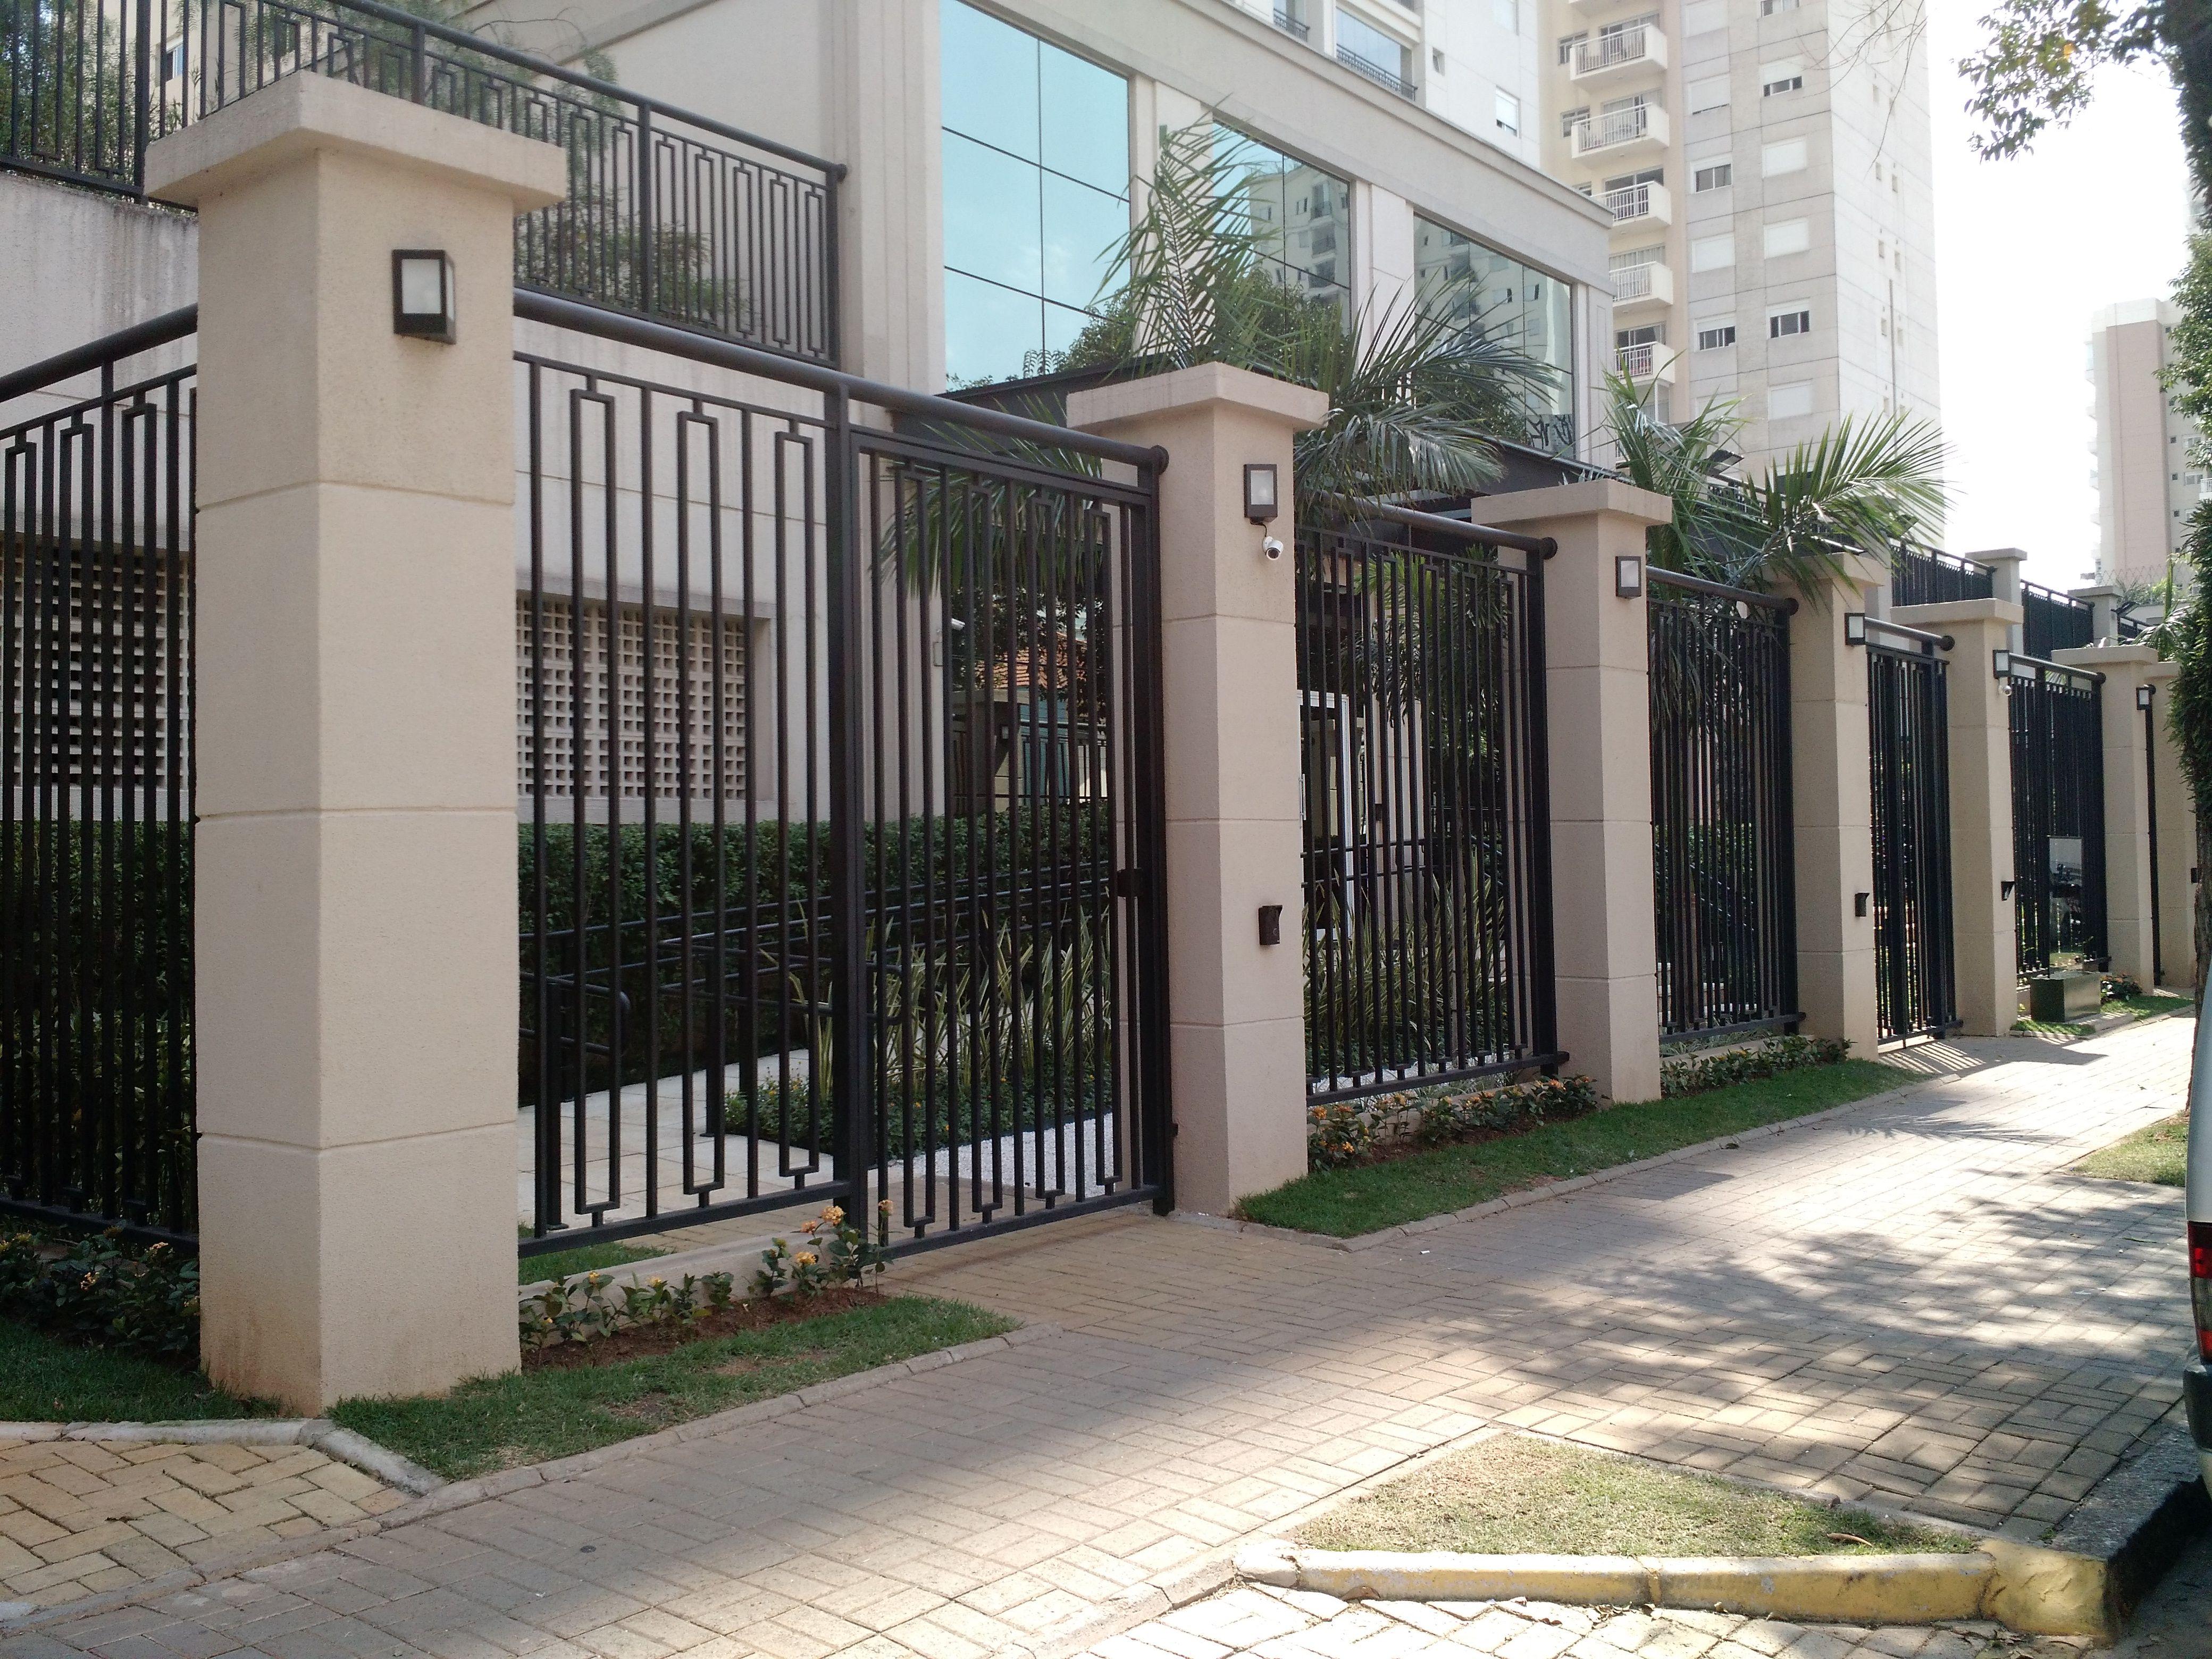 Projeto da entrada de pedestres do Condomínio Família Ipiranga, em parceria com o arquiteto Marco Antonio - http://luizmafraarquiteto.wix.com/luizmafra  #luizmafraarquiteto  #designdeexteriores #arquitetura